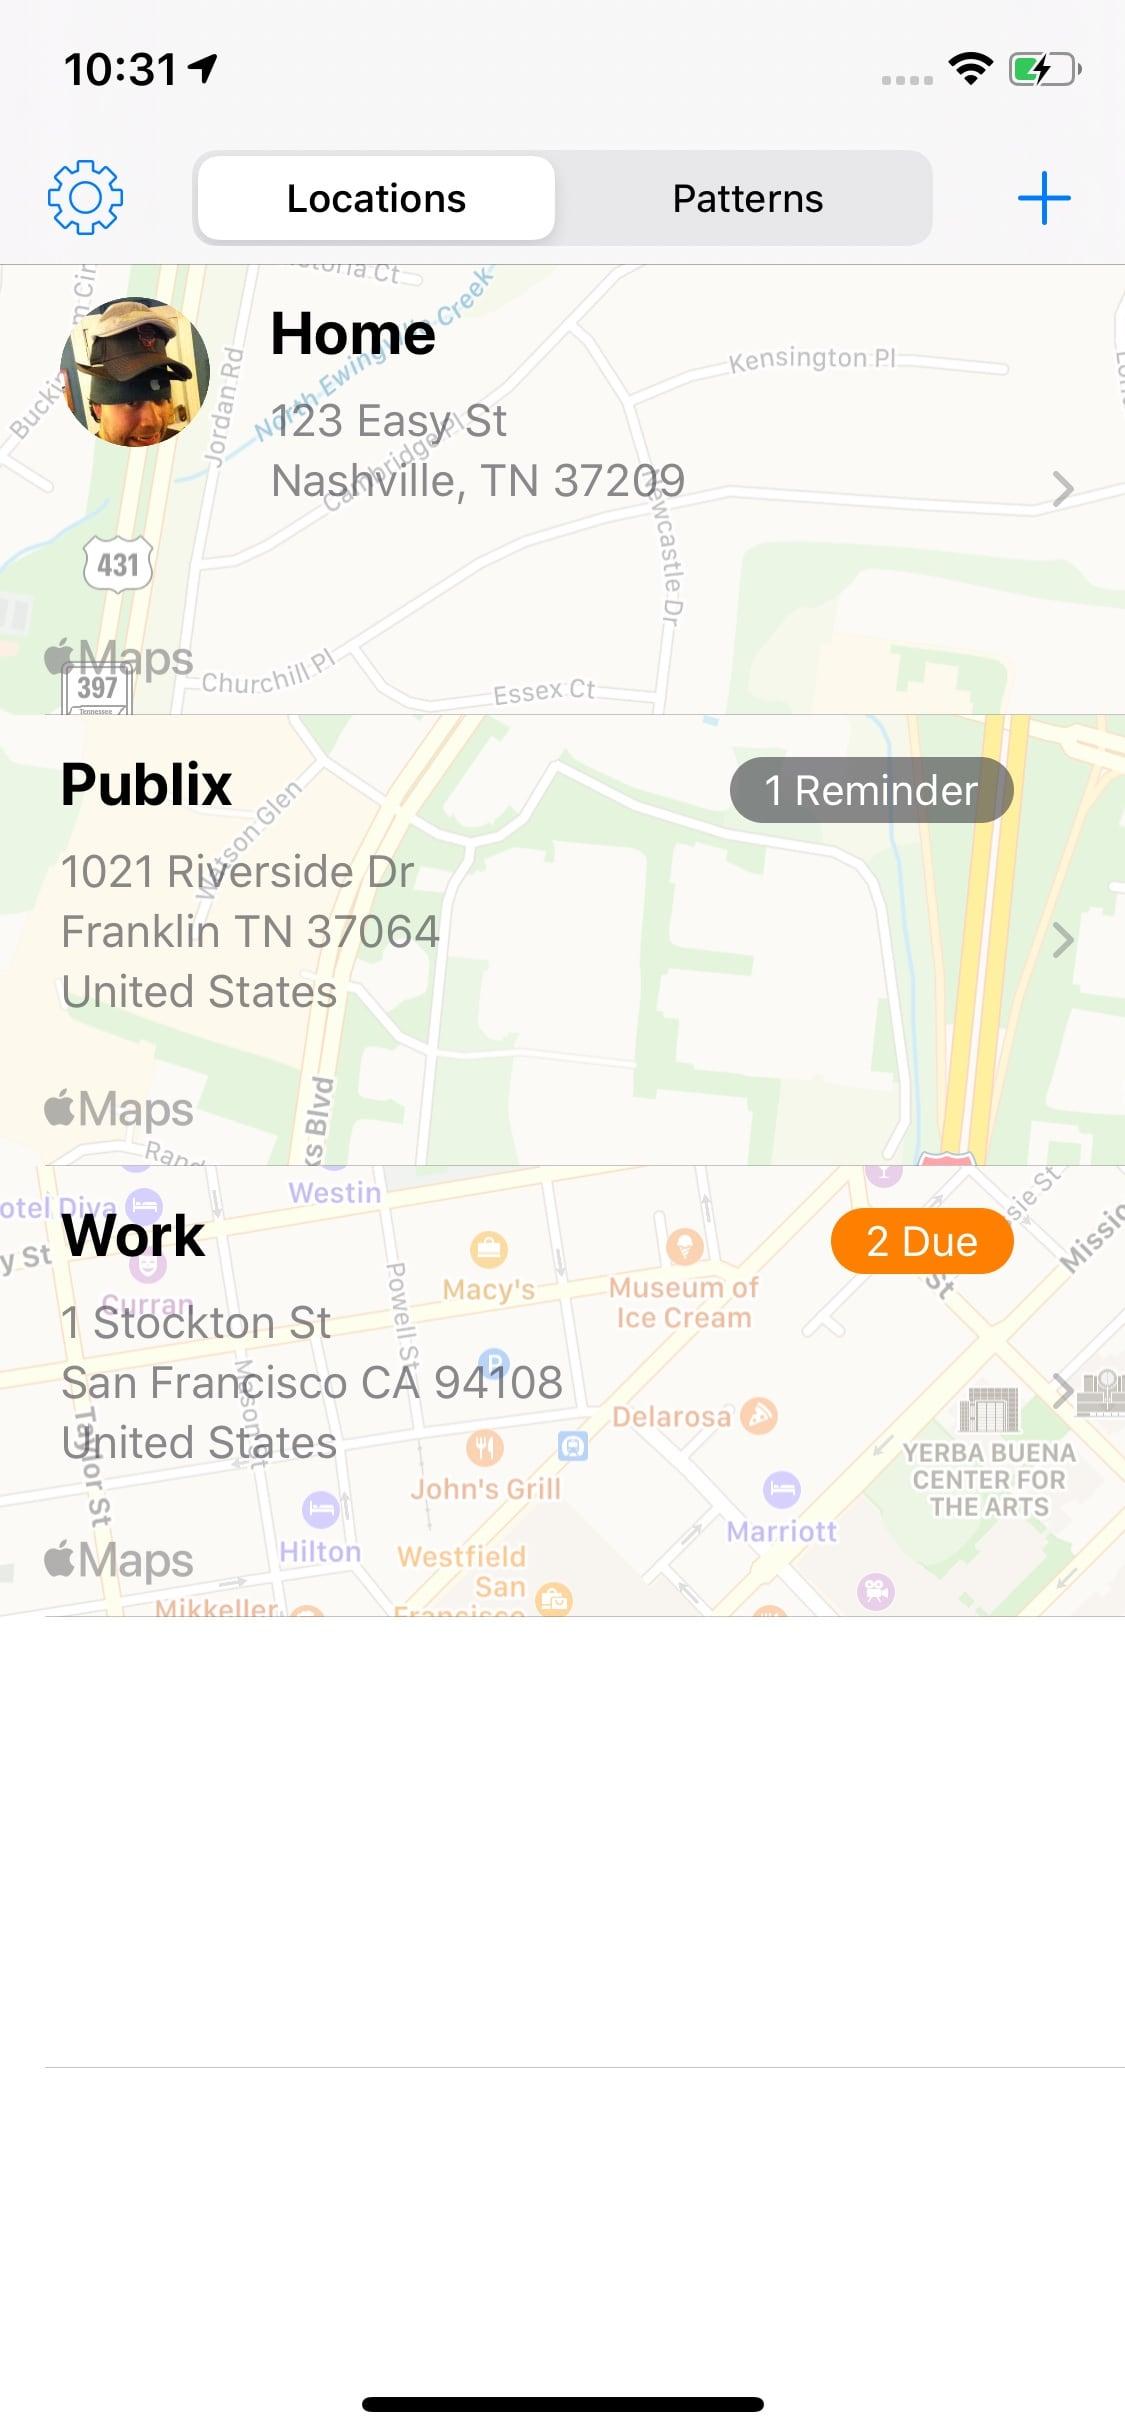 wigt-locations.jpg